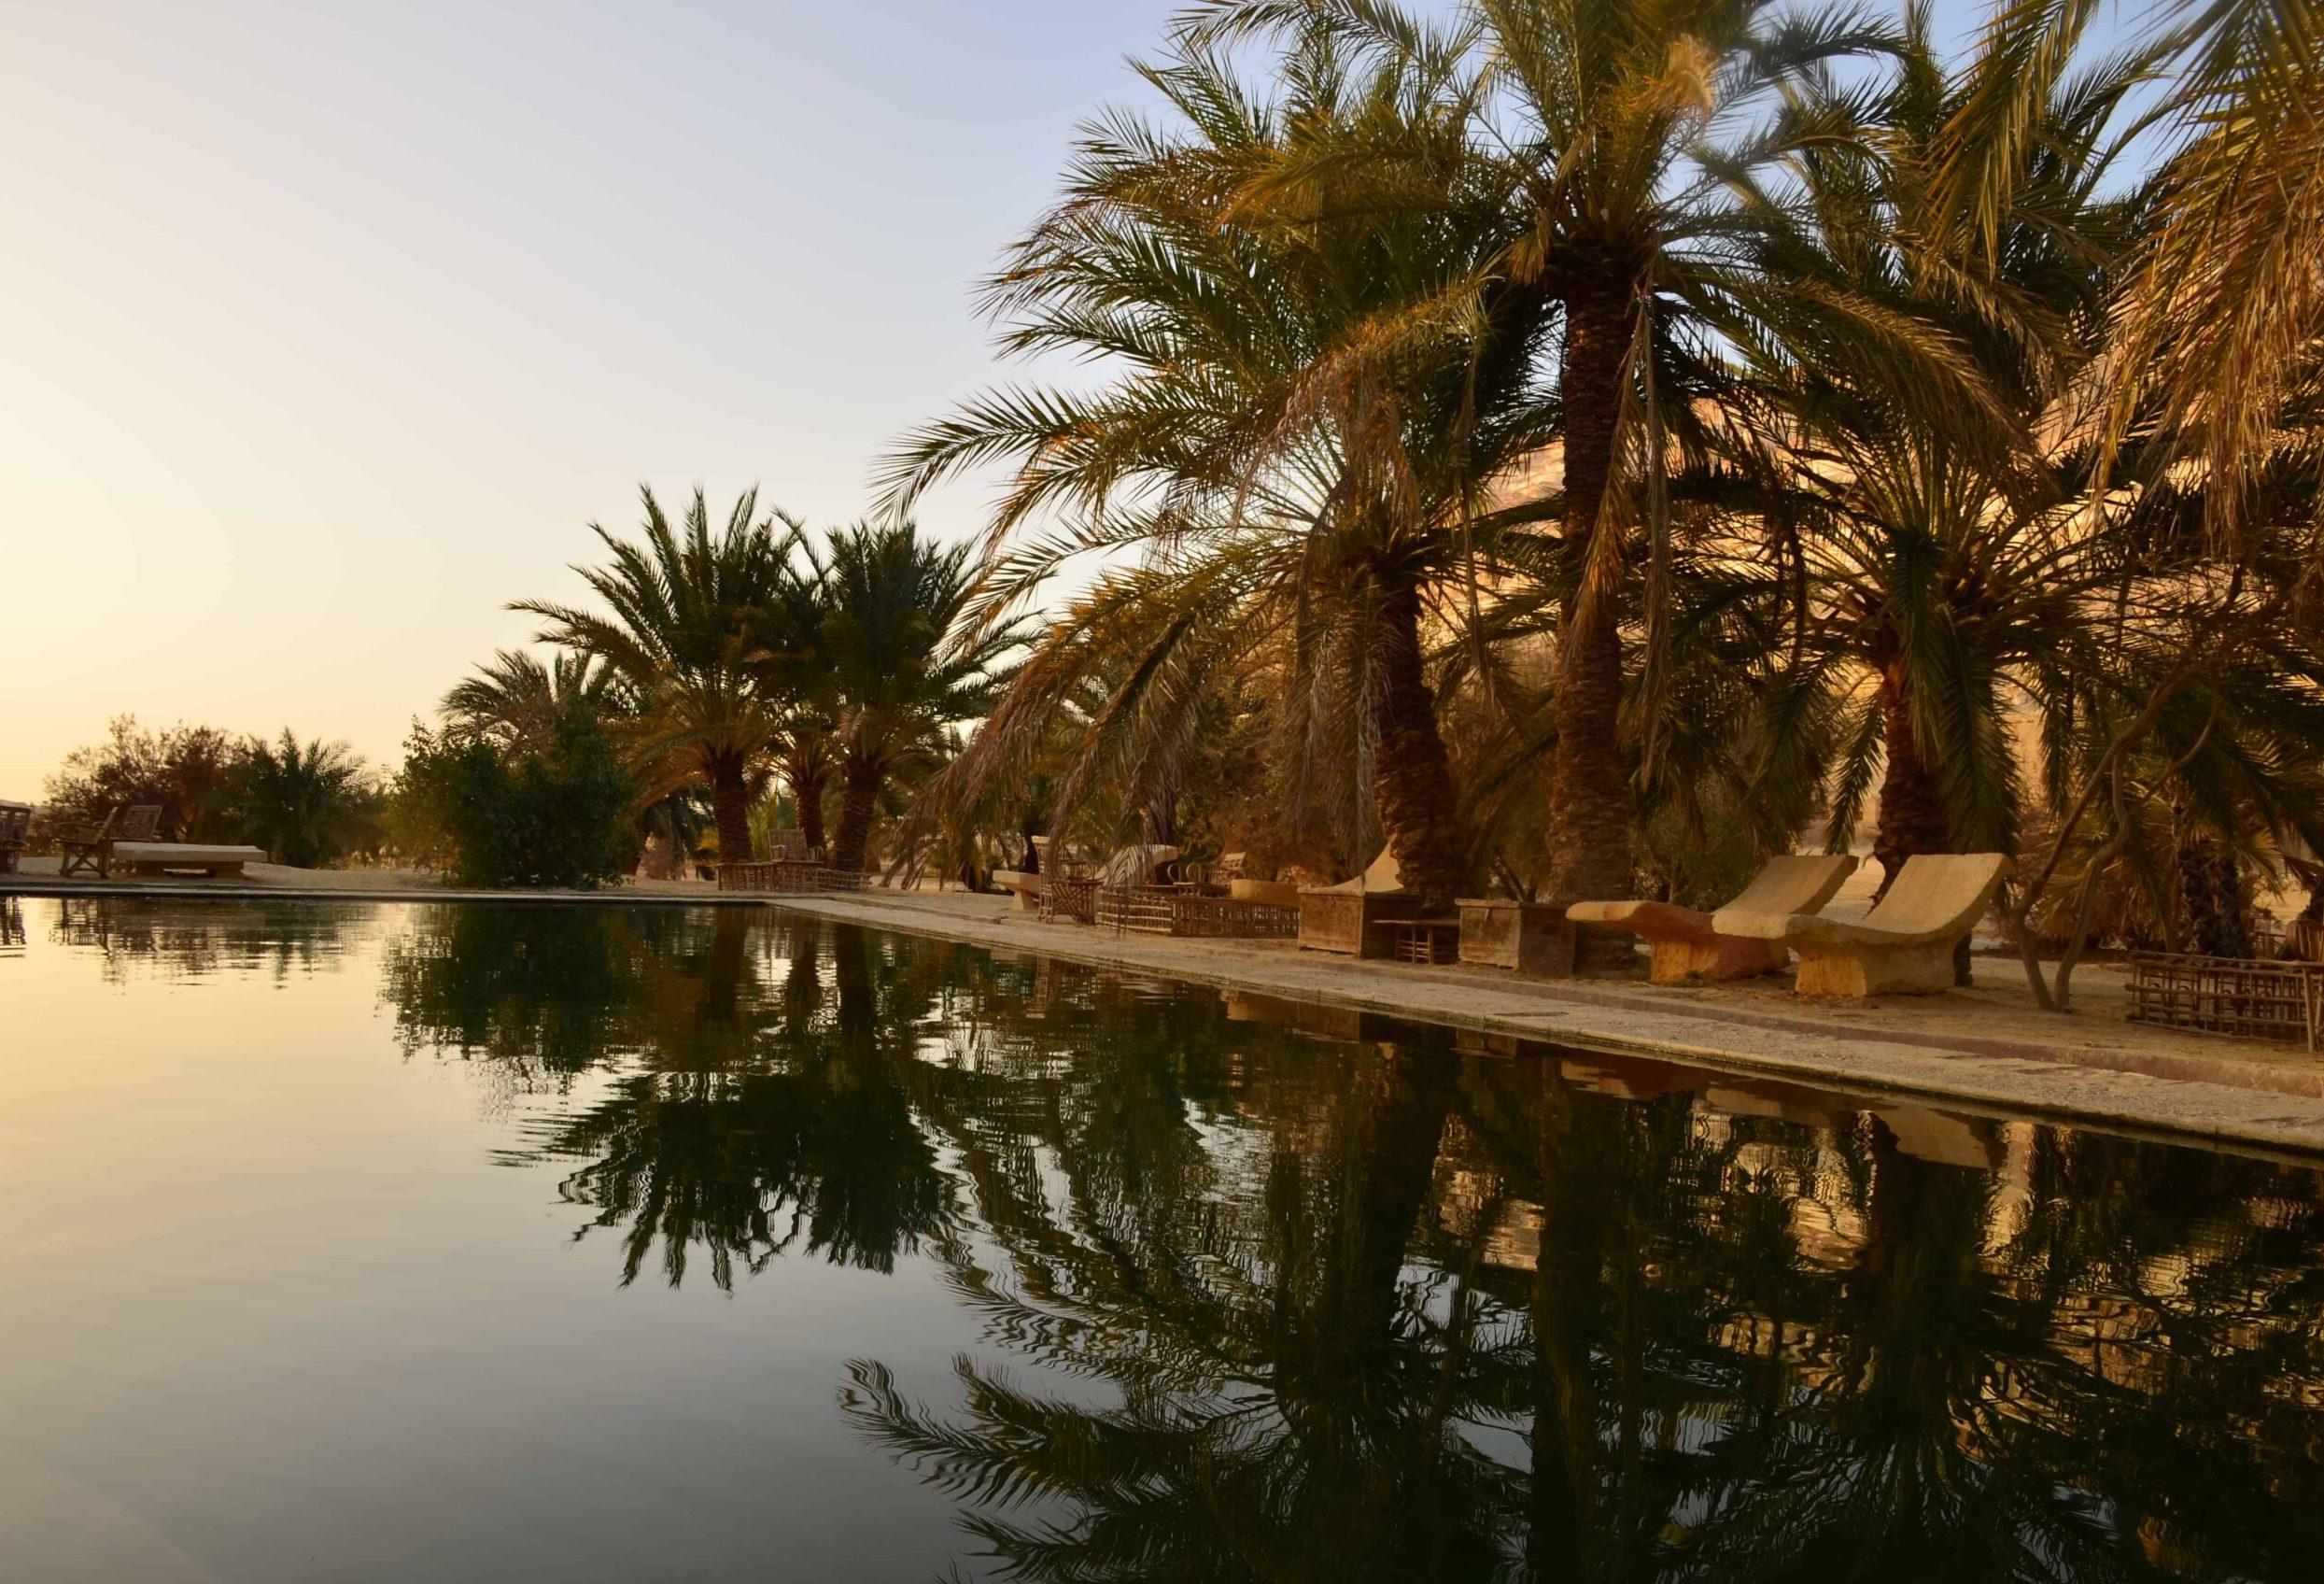 Oasis in Siwa